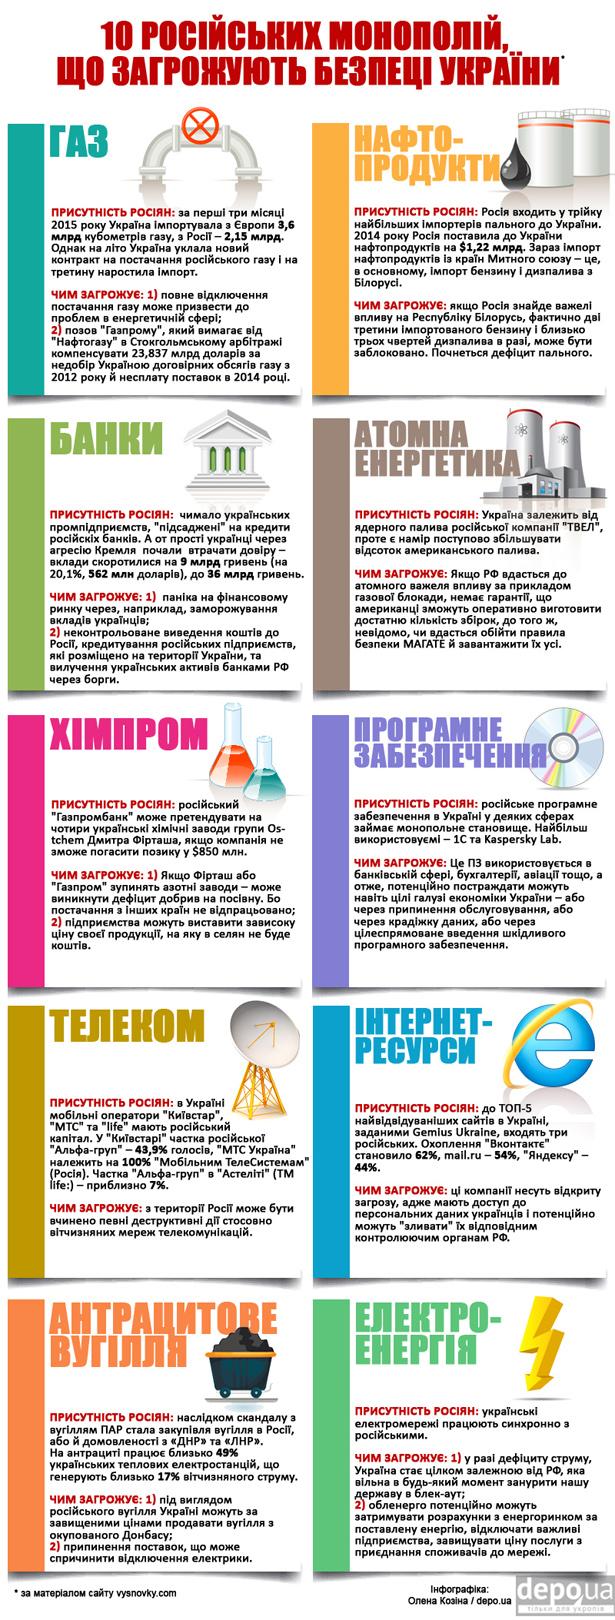 Які російські монополії загрожують безпеці України (ІНФОГРАФІКА) - фото 1